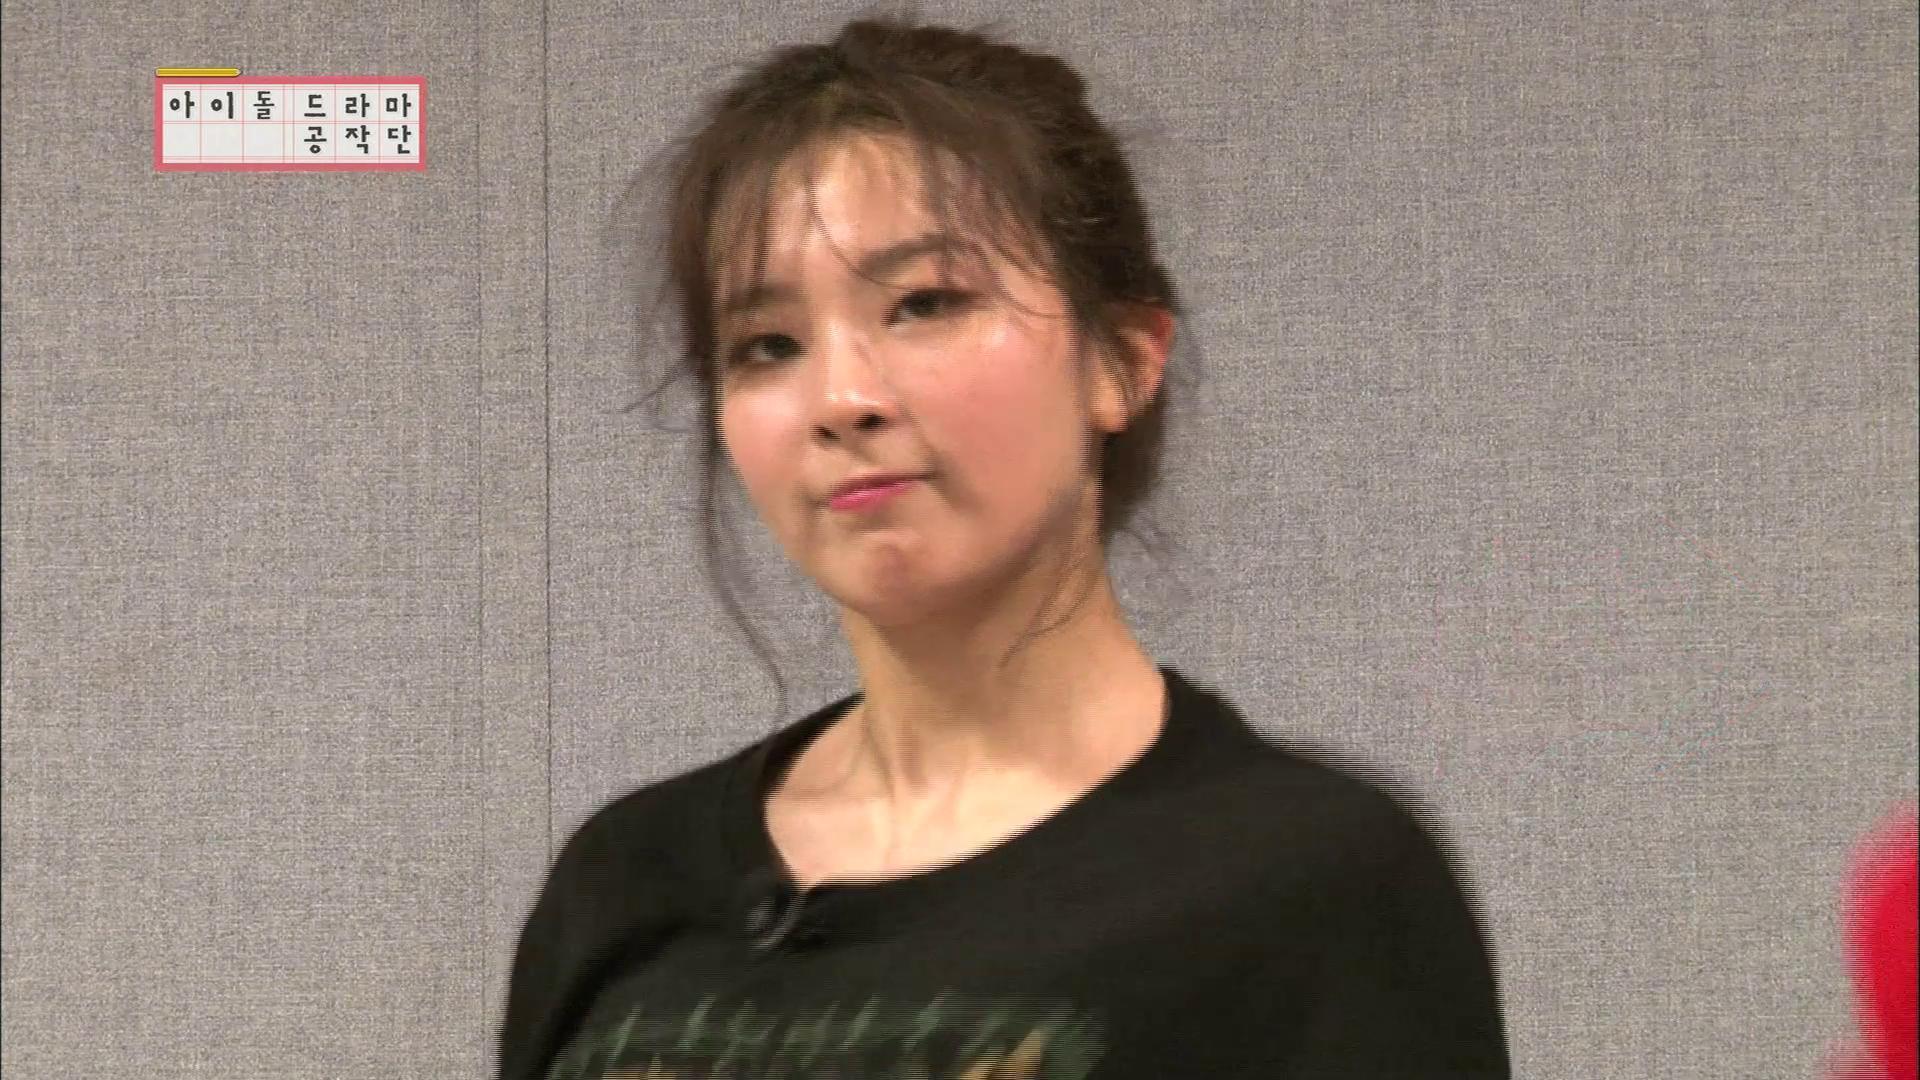 [11-2] 정말 처음 춰보는 거 맞아? 크레용팝 <어이> 안무 완벽 카피! (Idol Drama Operation Team)